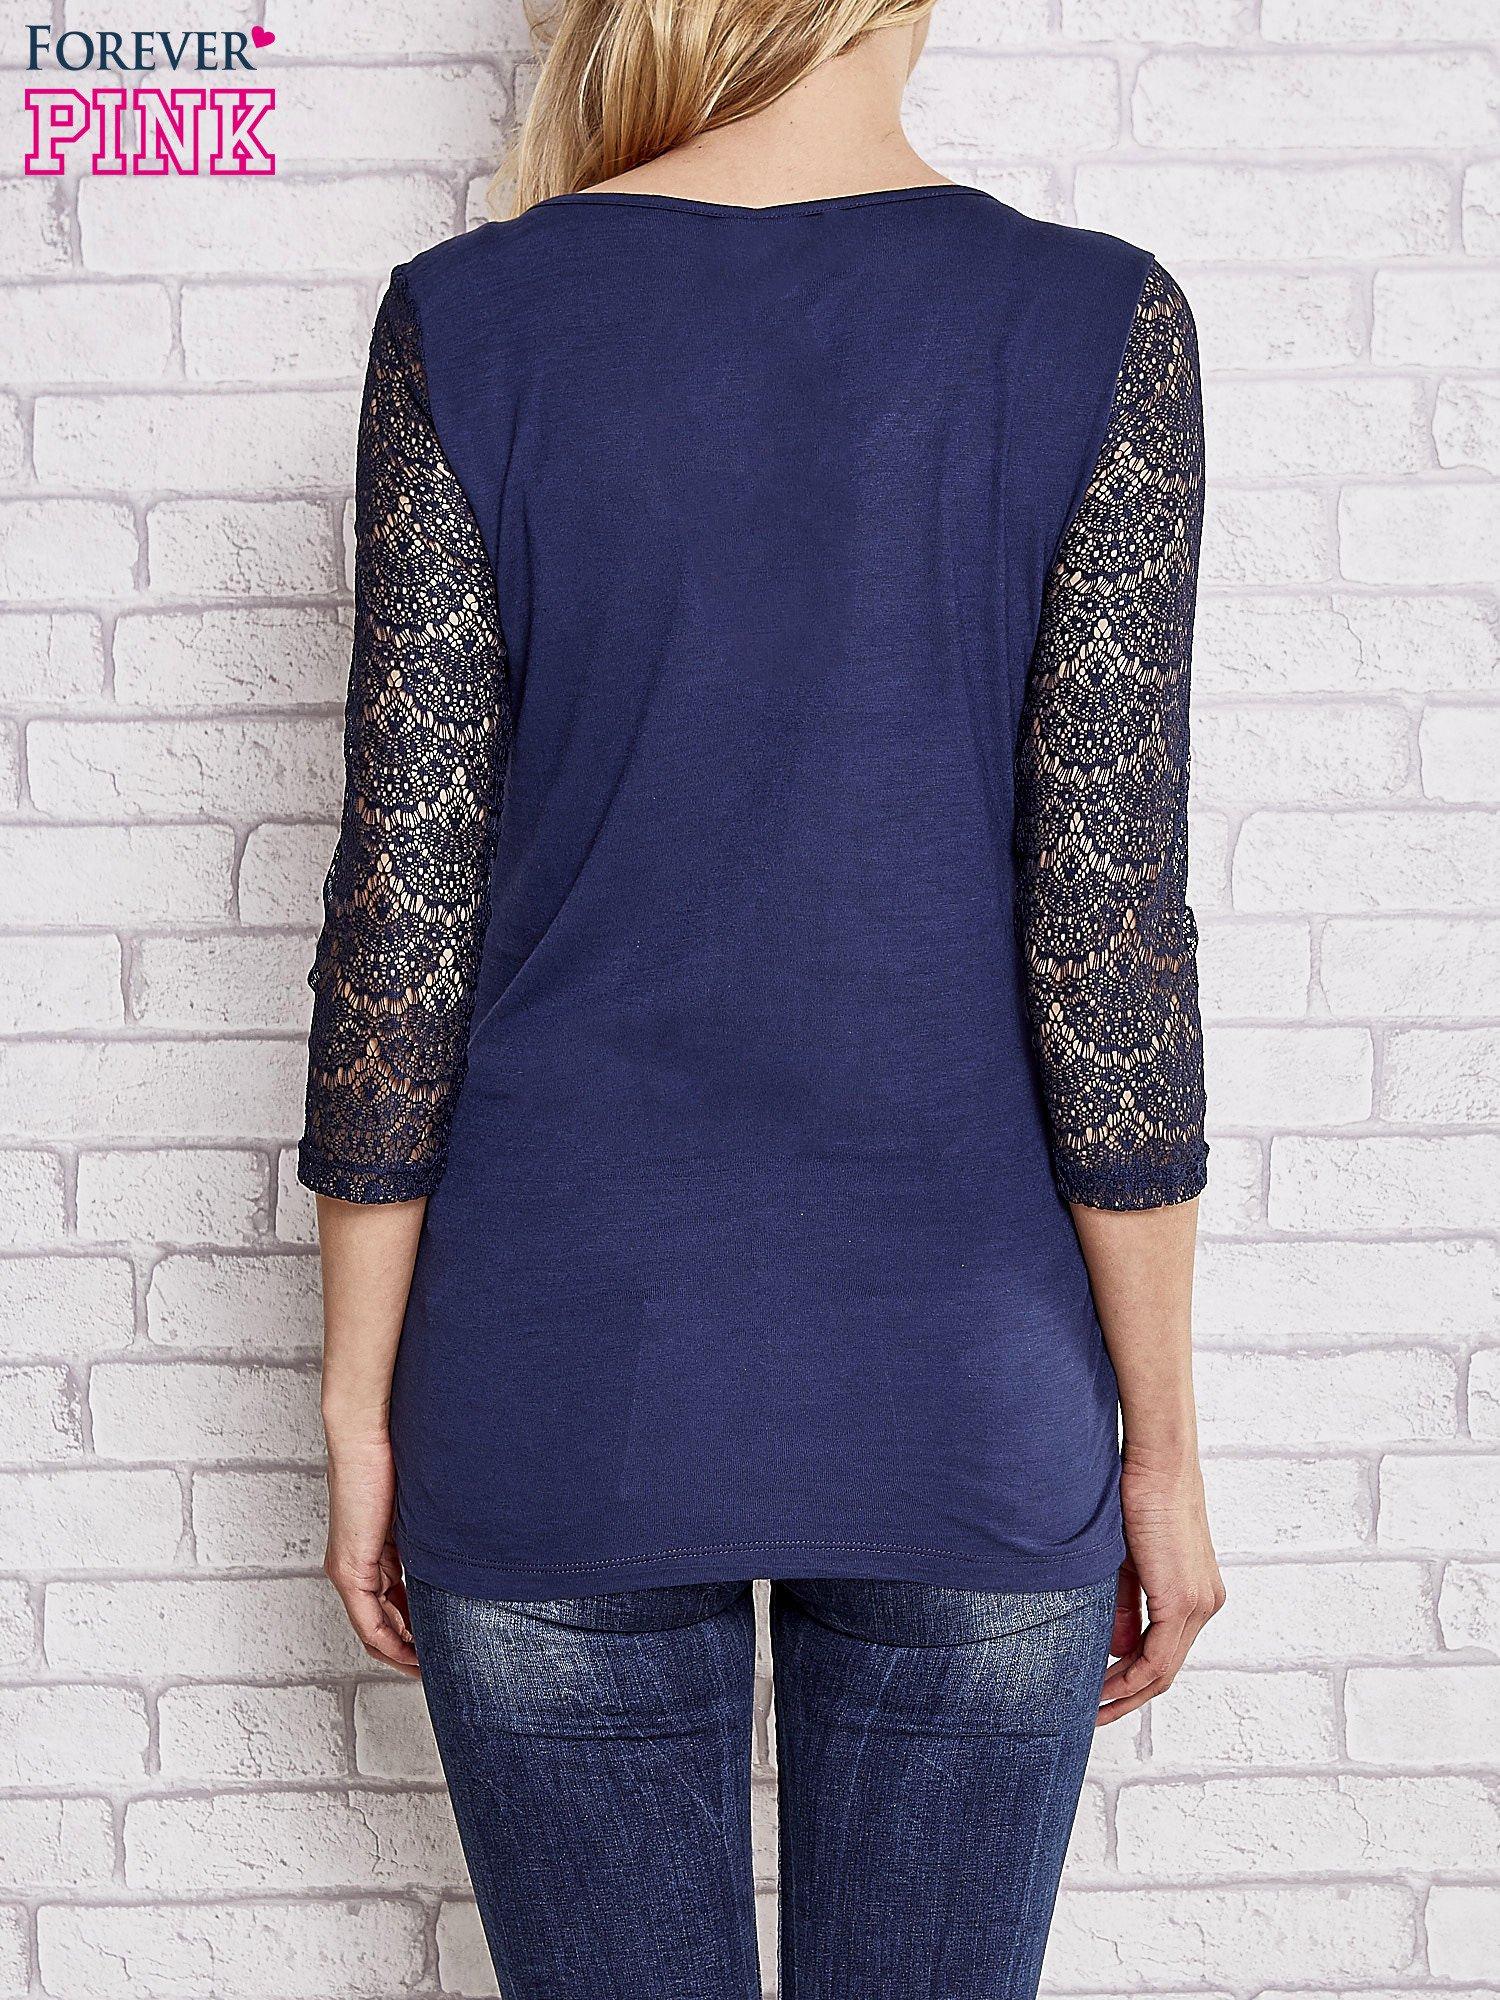 VERO MODA Granatowa bluzka z koronkowym przodem                                  zdj.                                  2